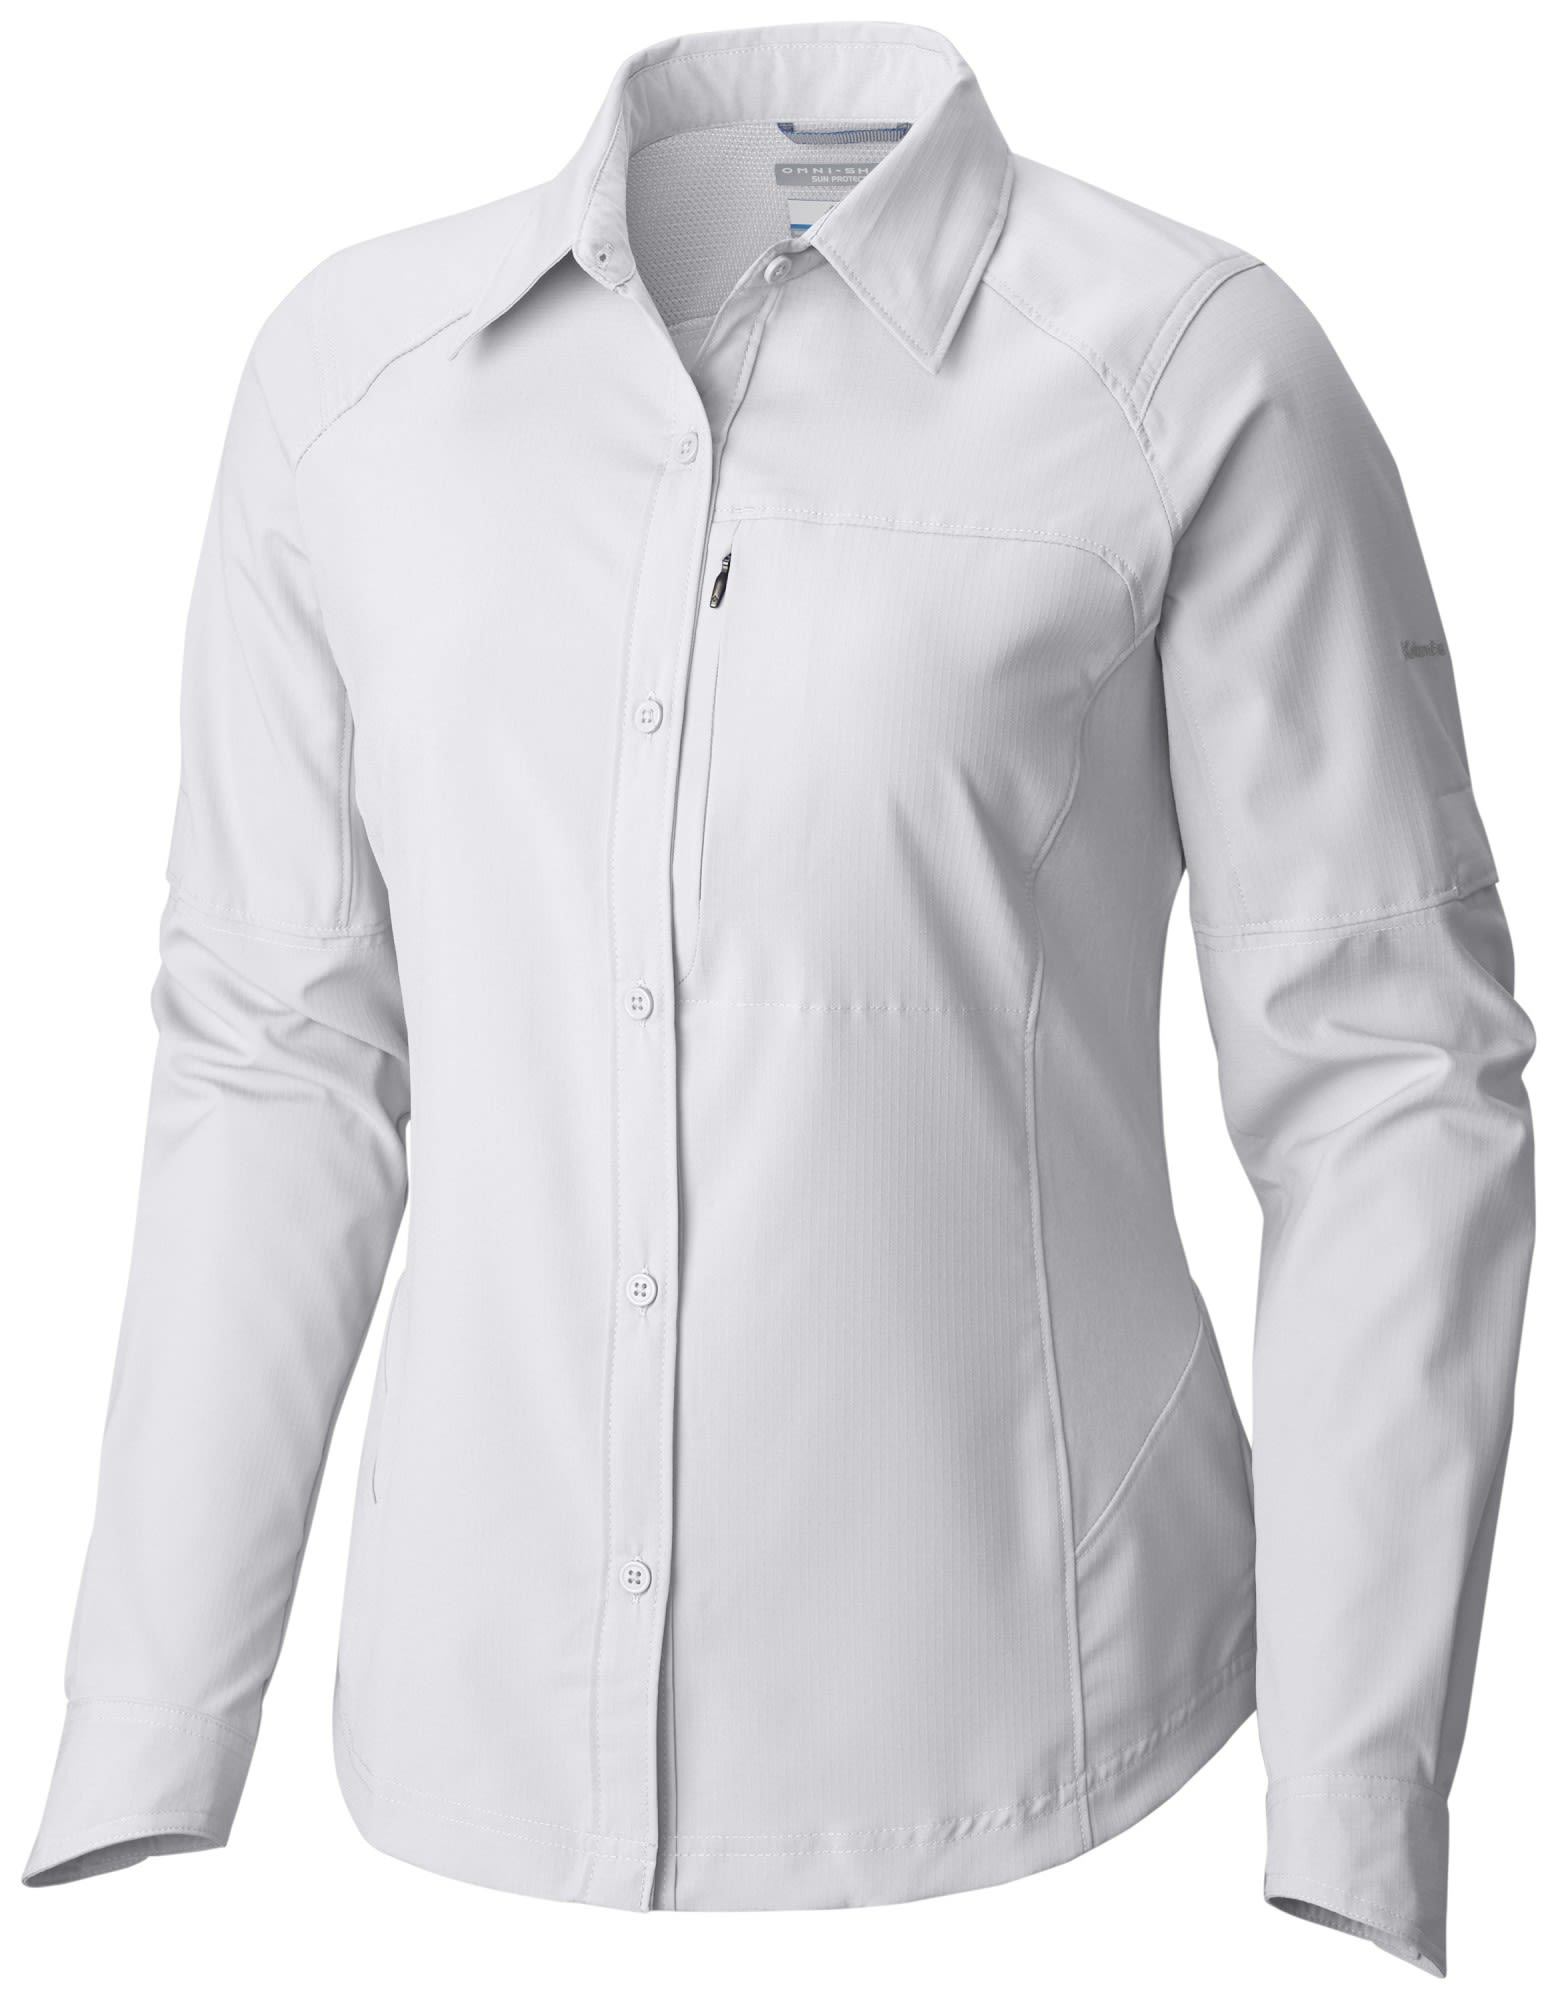 Columbia W Silver Ridge Long Sleeve Shirt | Größe XS,S,M,L,XL | Damen Langarm-